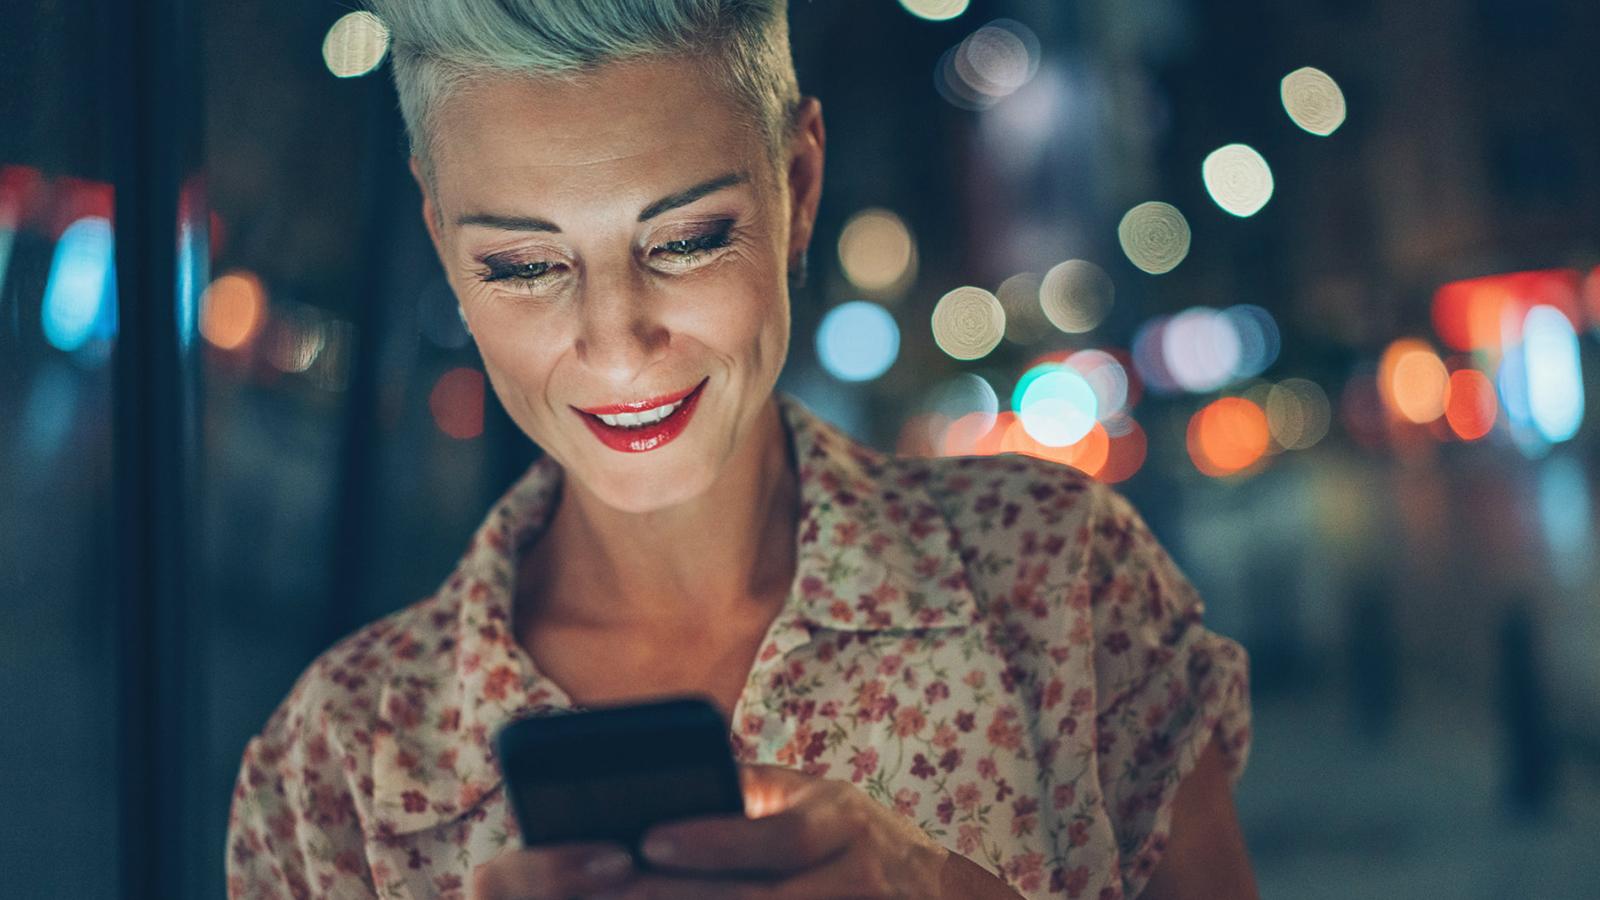 geracao - Hábitos de consumo: como as gerações Y e Z interagem com conteúdos em vídeo?